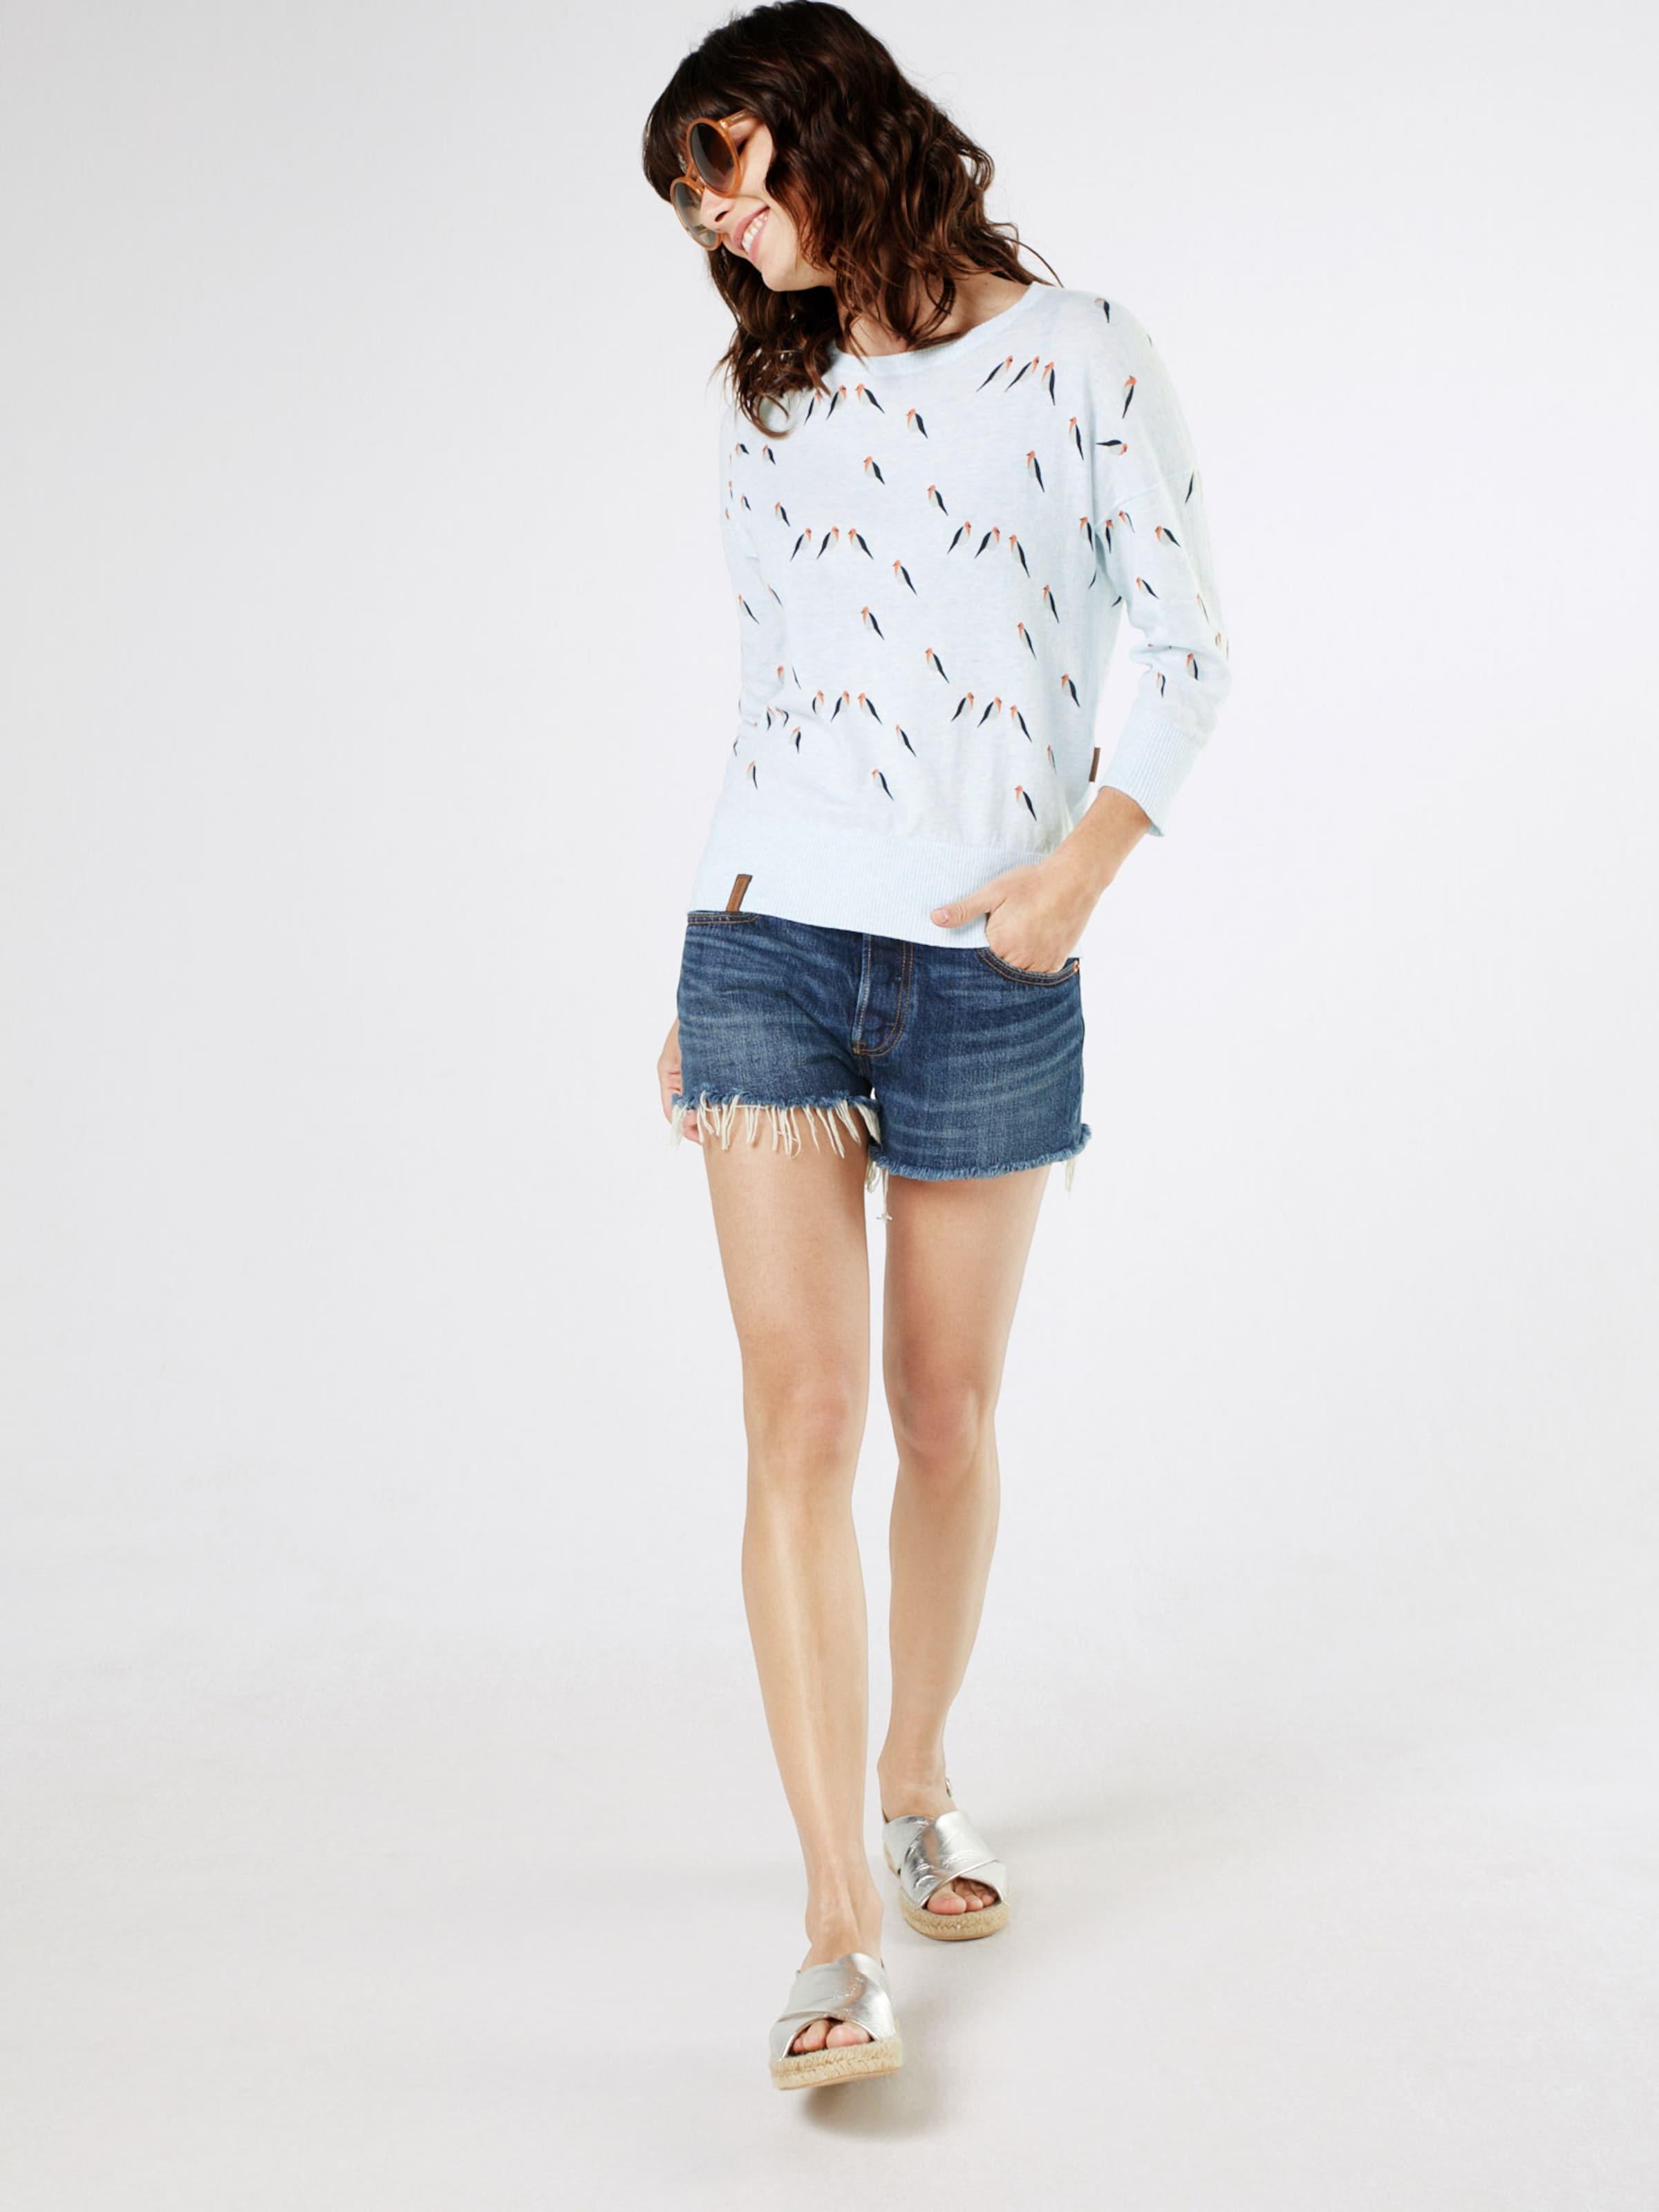 Billig Limited Edition Geschäft naketano Pullover 'Maja Doofmann III' Zum Verkauf Der Billigsten Authentisch Billig Verkaufen Mode-Stil ATD8o